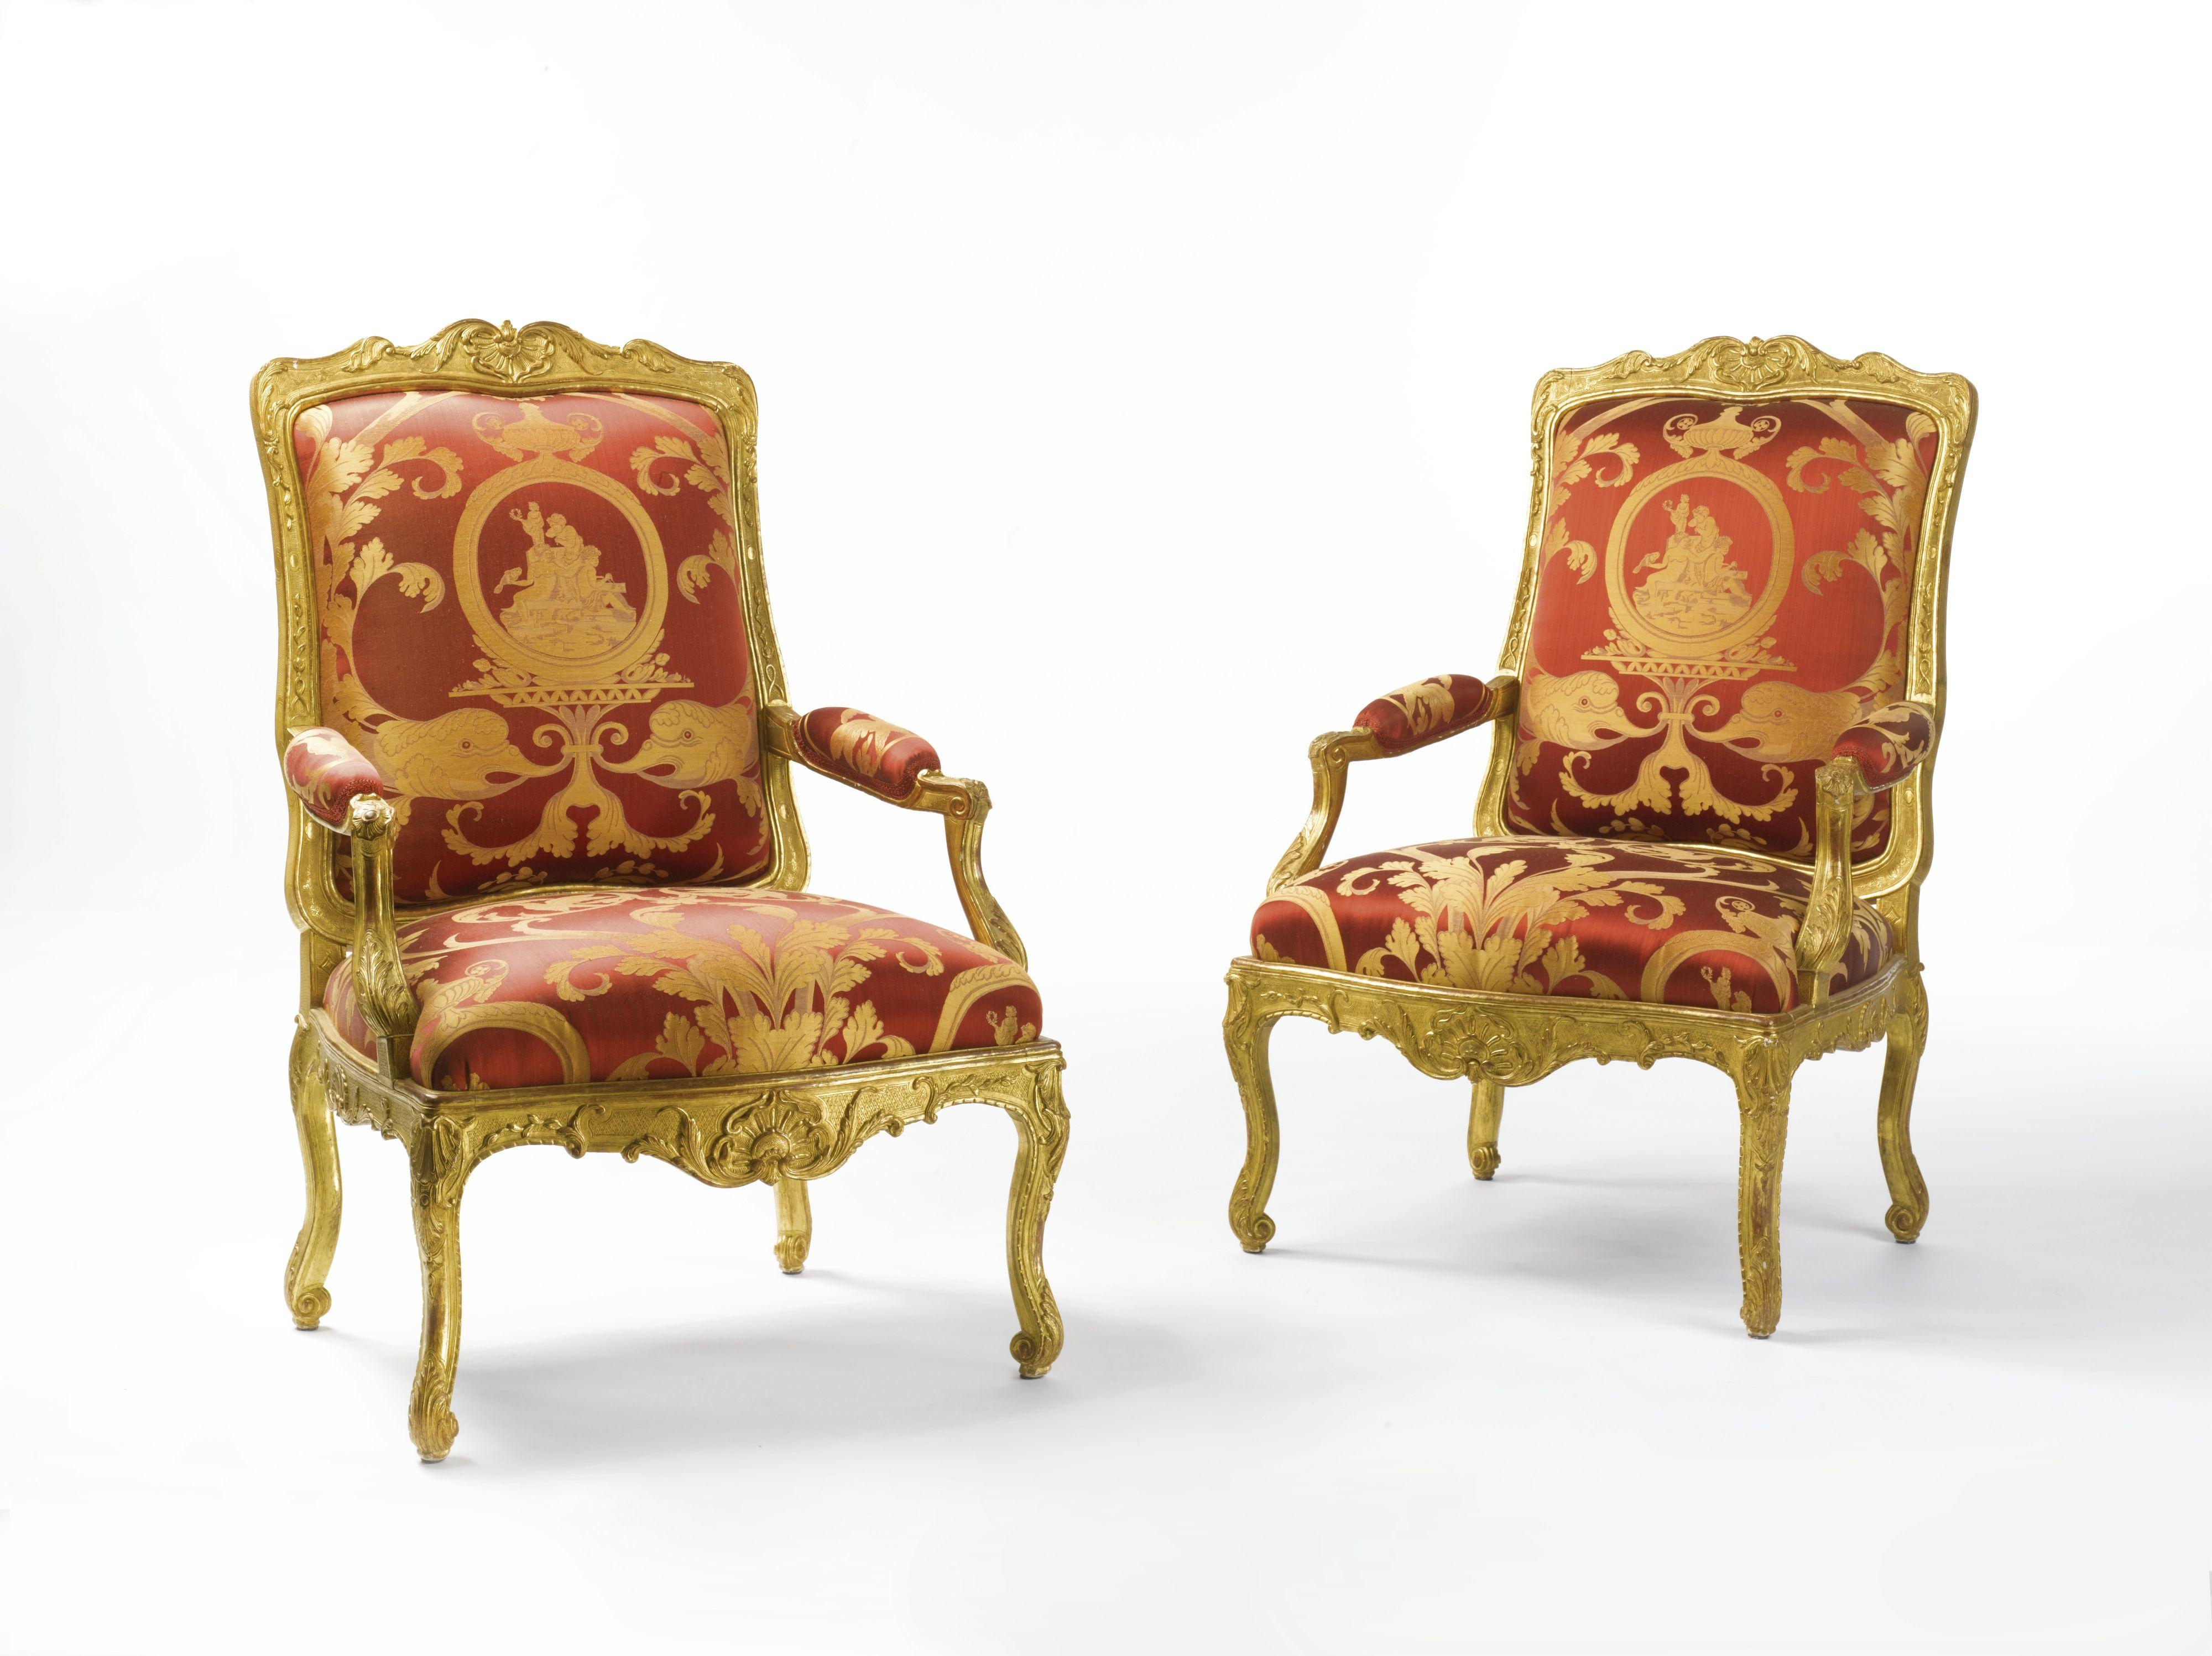 Un par de sillones r gence tallados y dorados c 1720 for Sillones clasicos ingleses